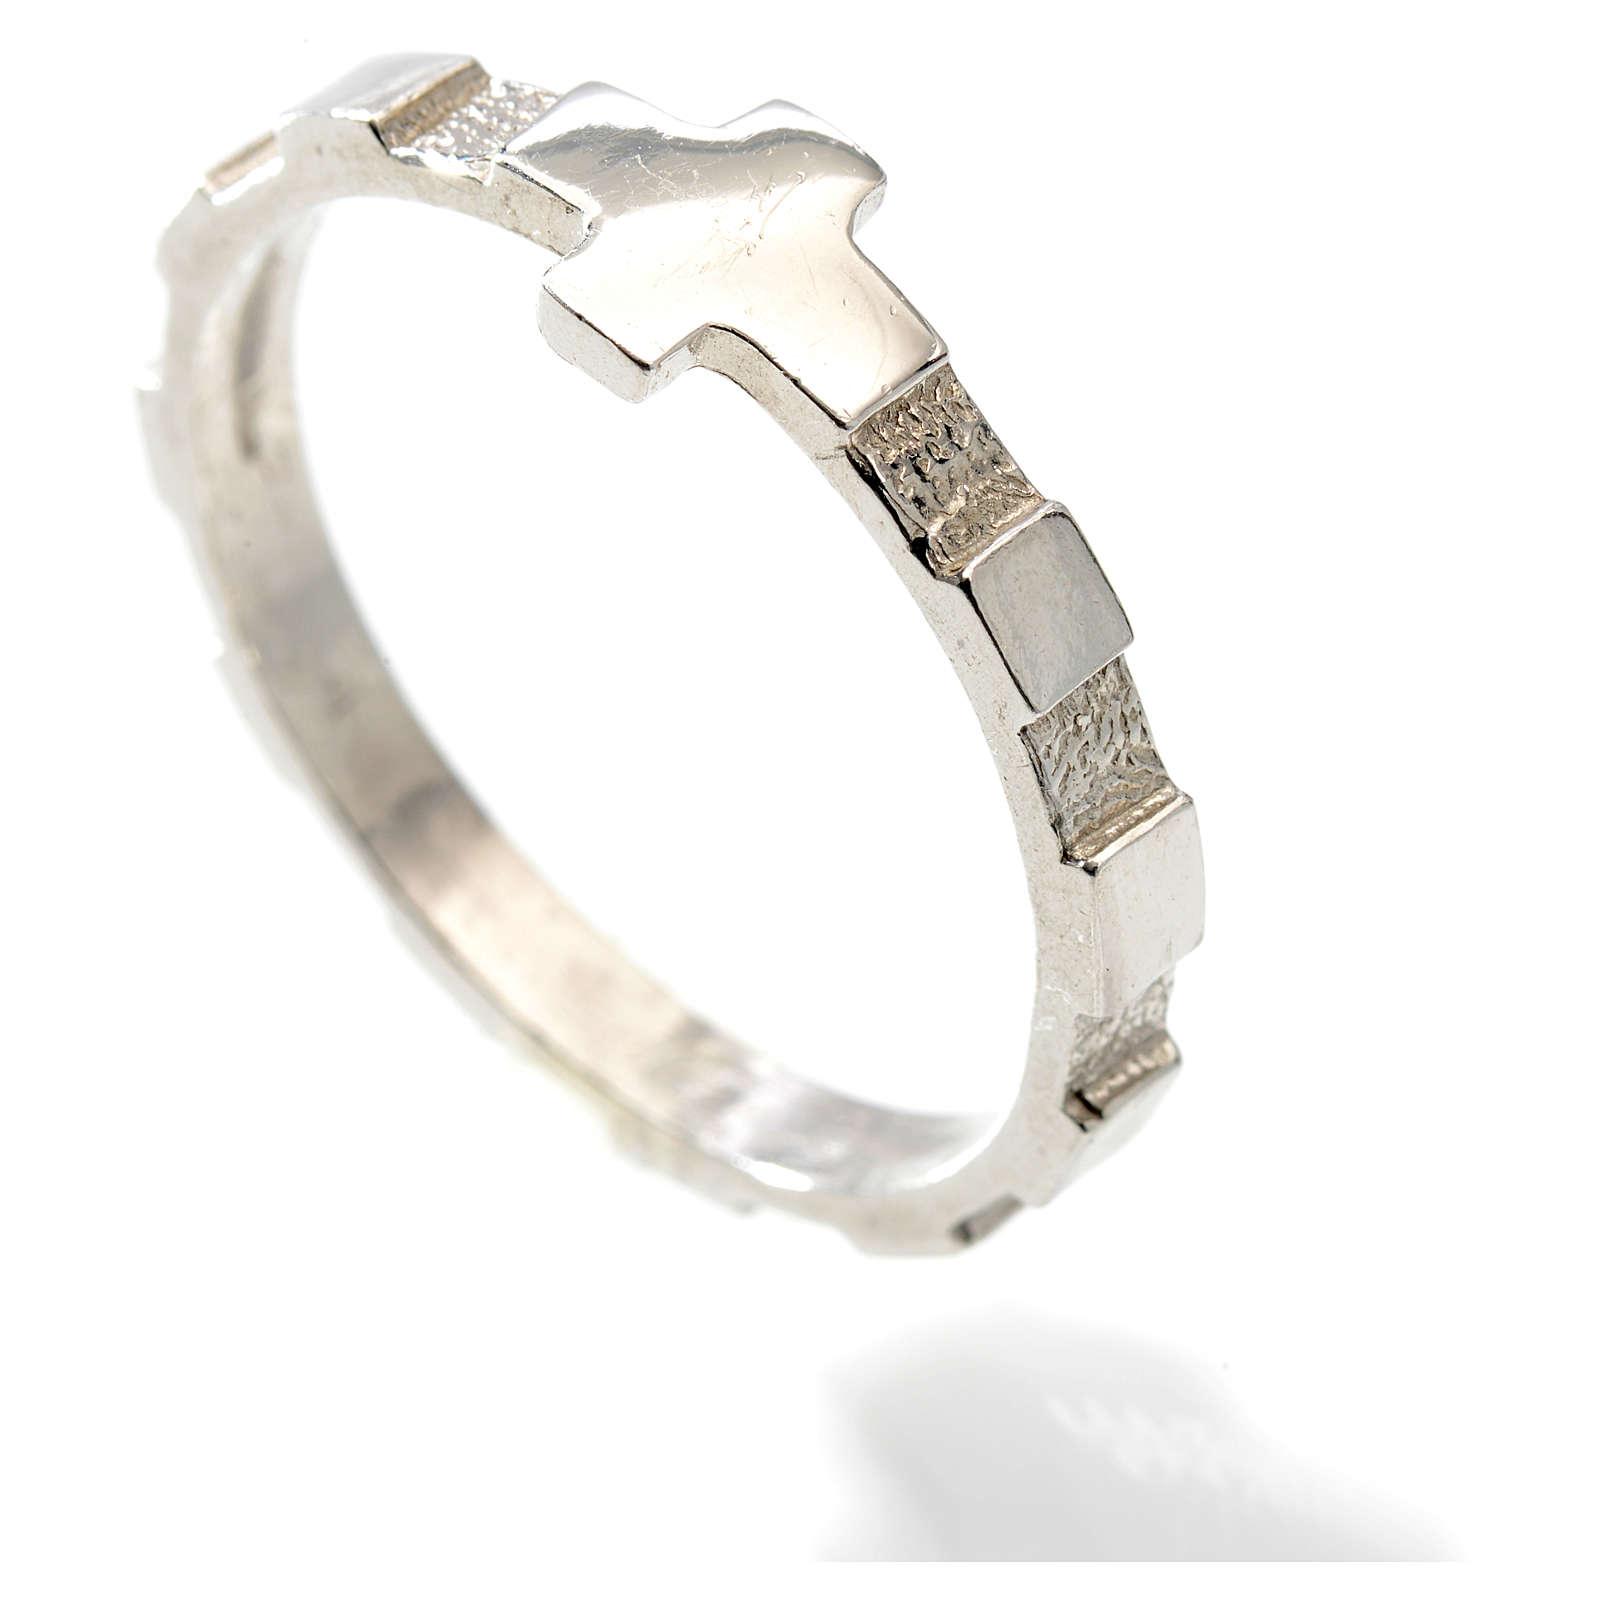 Różaniec obrączka dziesiątka srebro 925 3